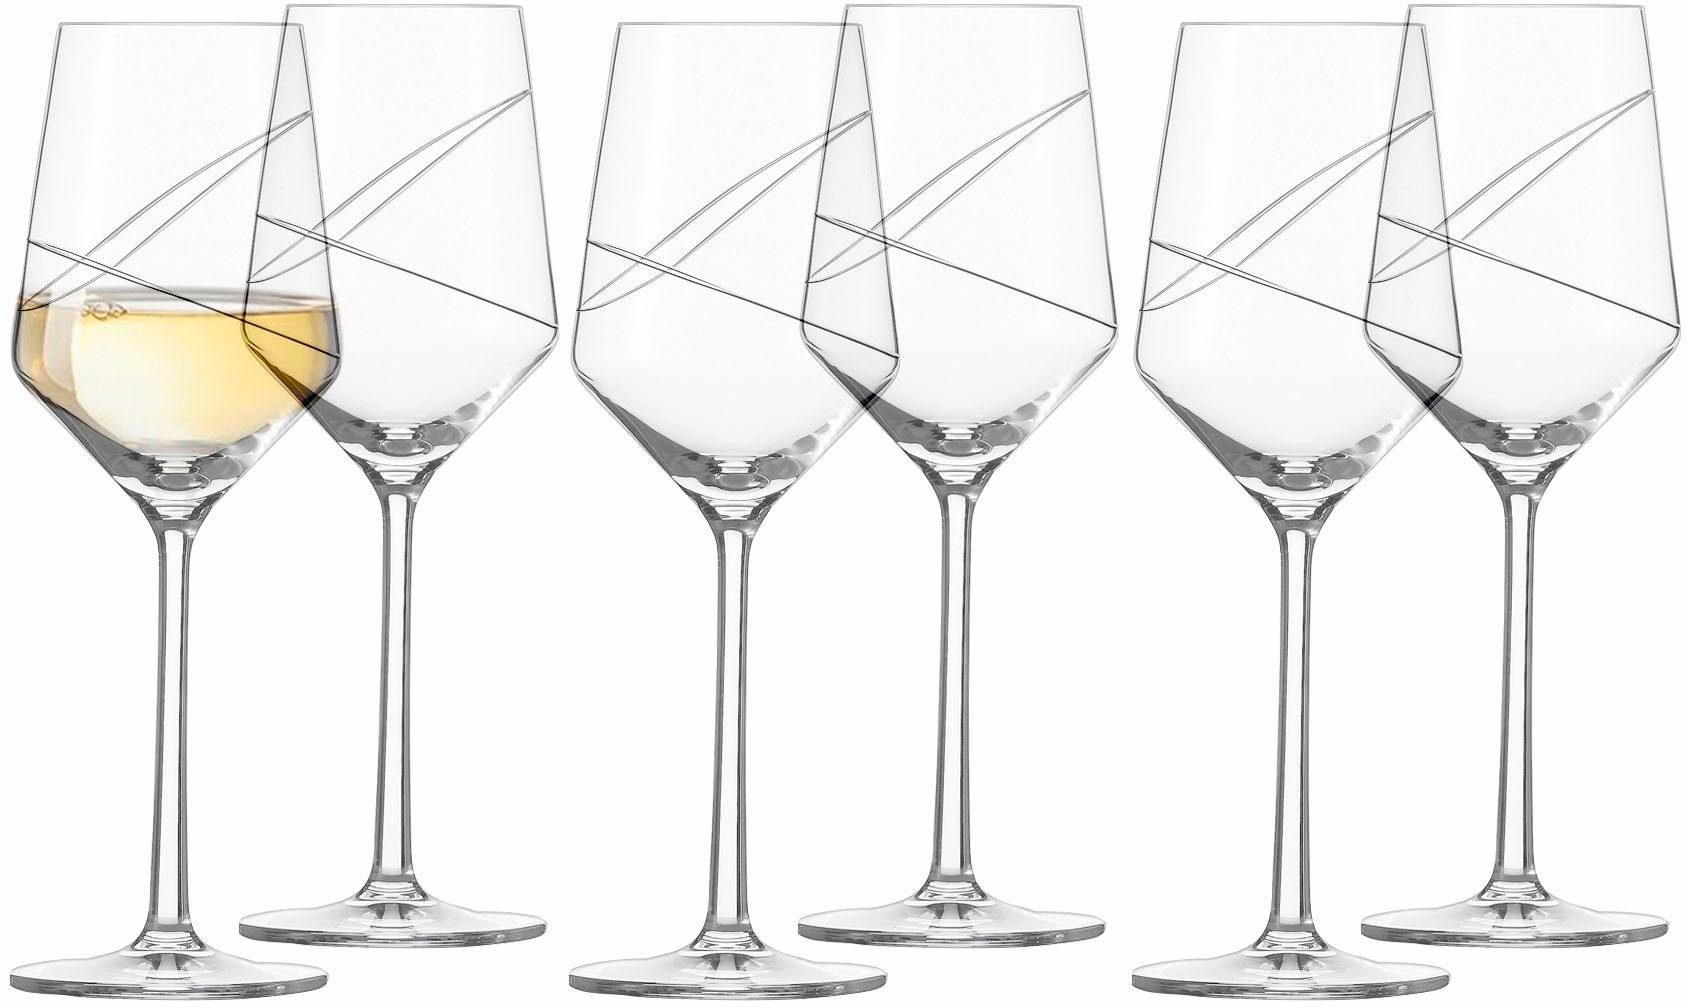 Alexander Herrmann Weißweingläser, Kristallglas, 6 Stück, 300 ml, Made in Germany, »GOURMET Linie«